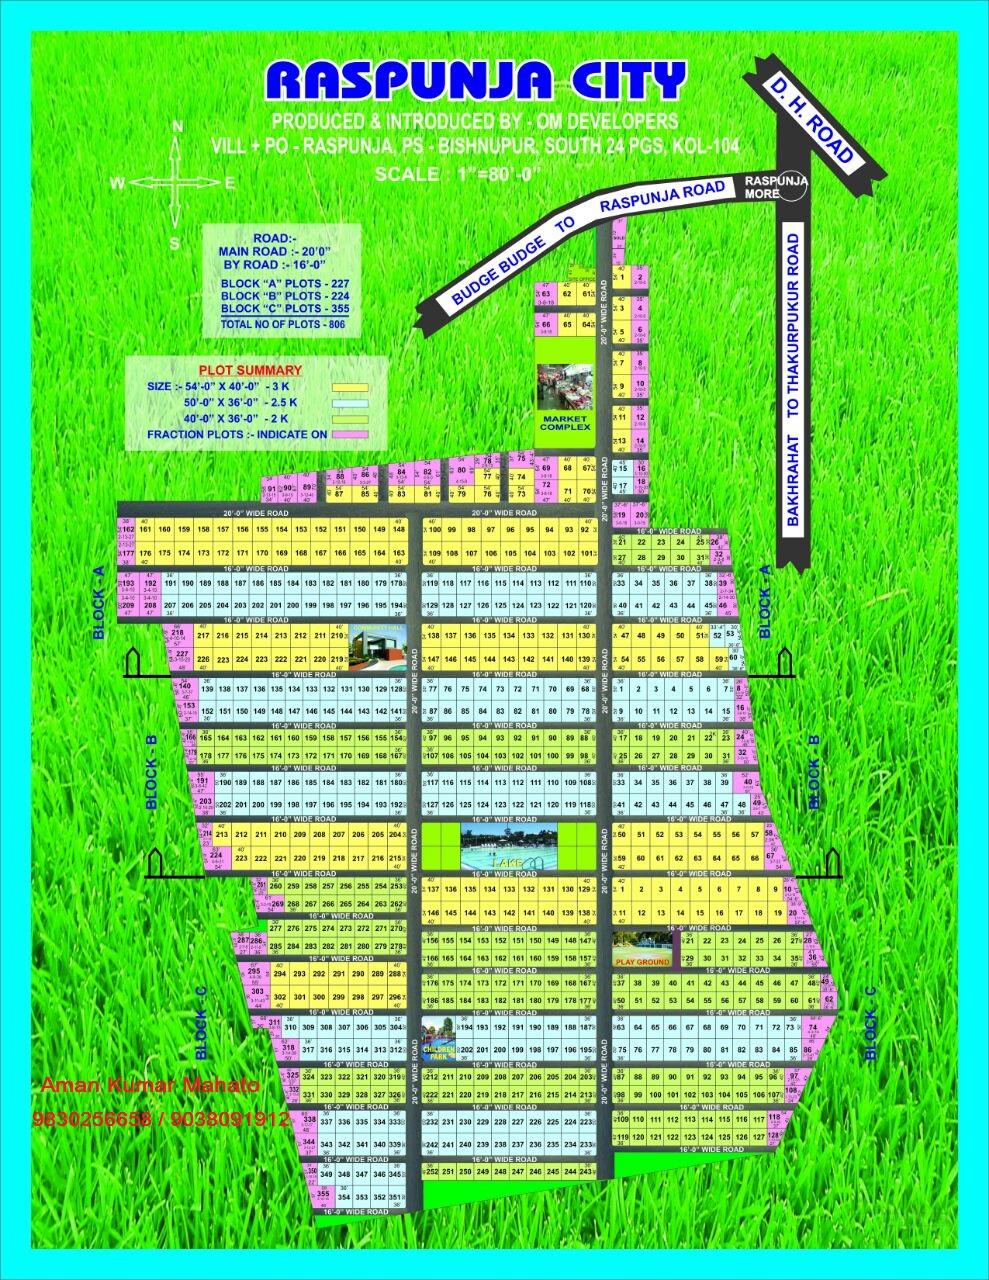 Buy dream home in Rspunja Budge budge road Kolkata.